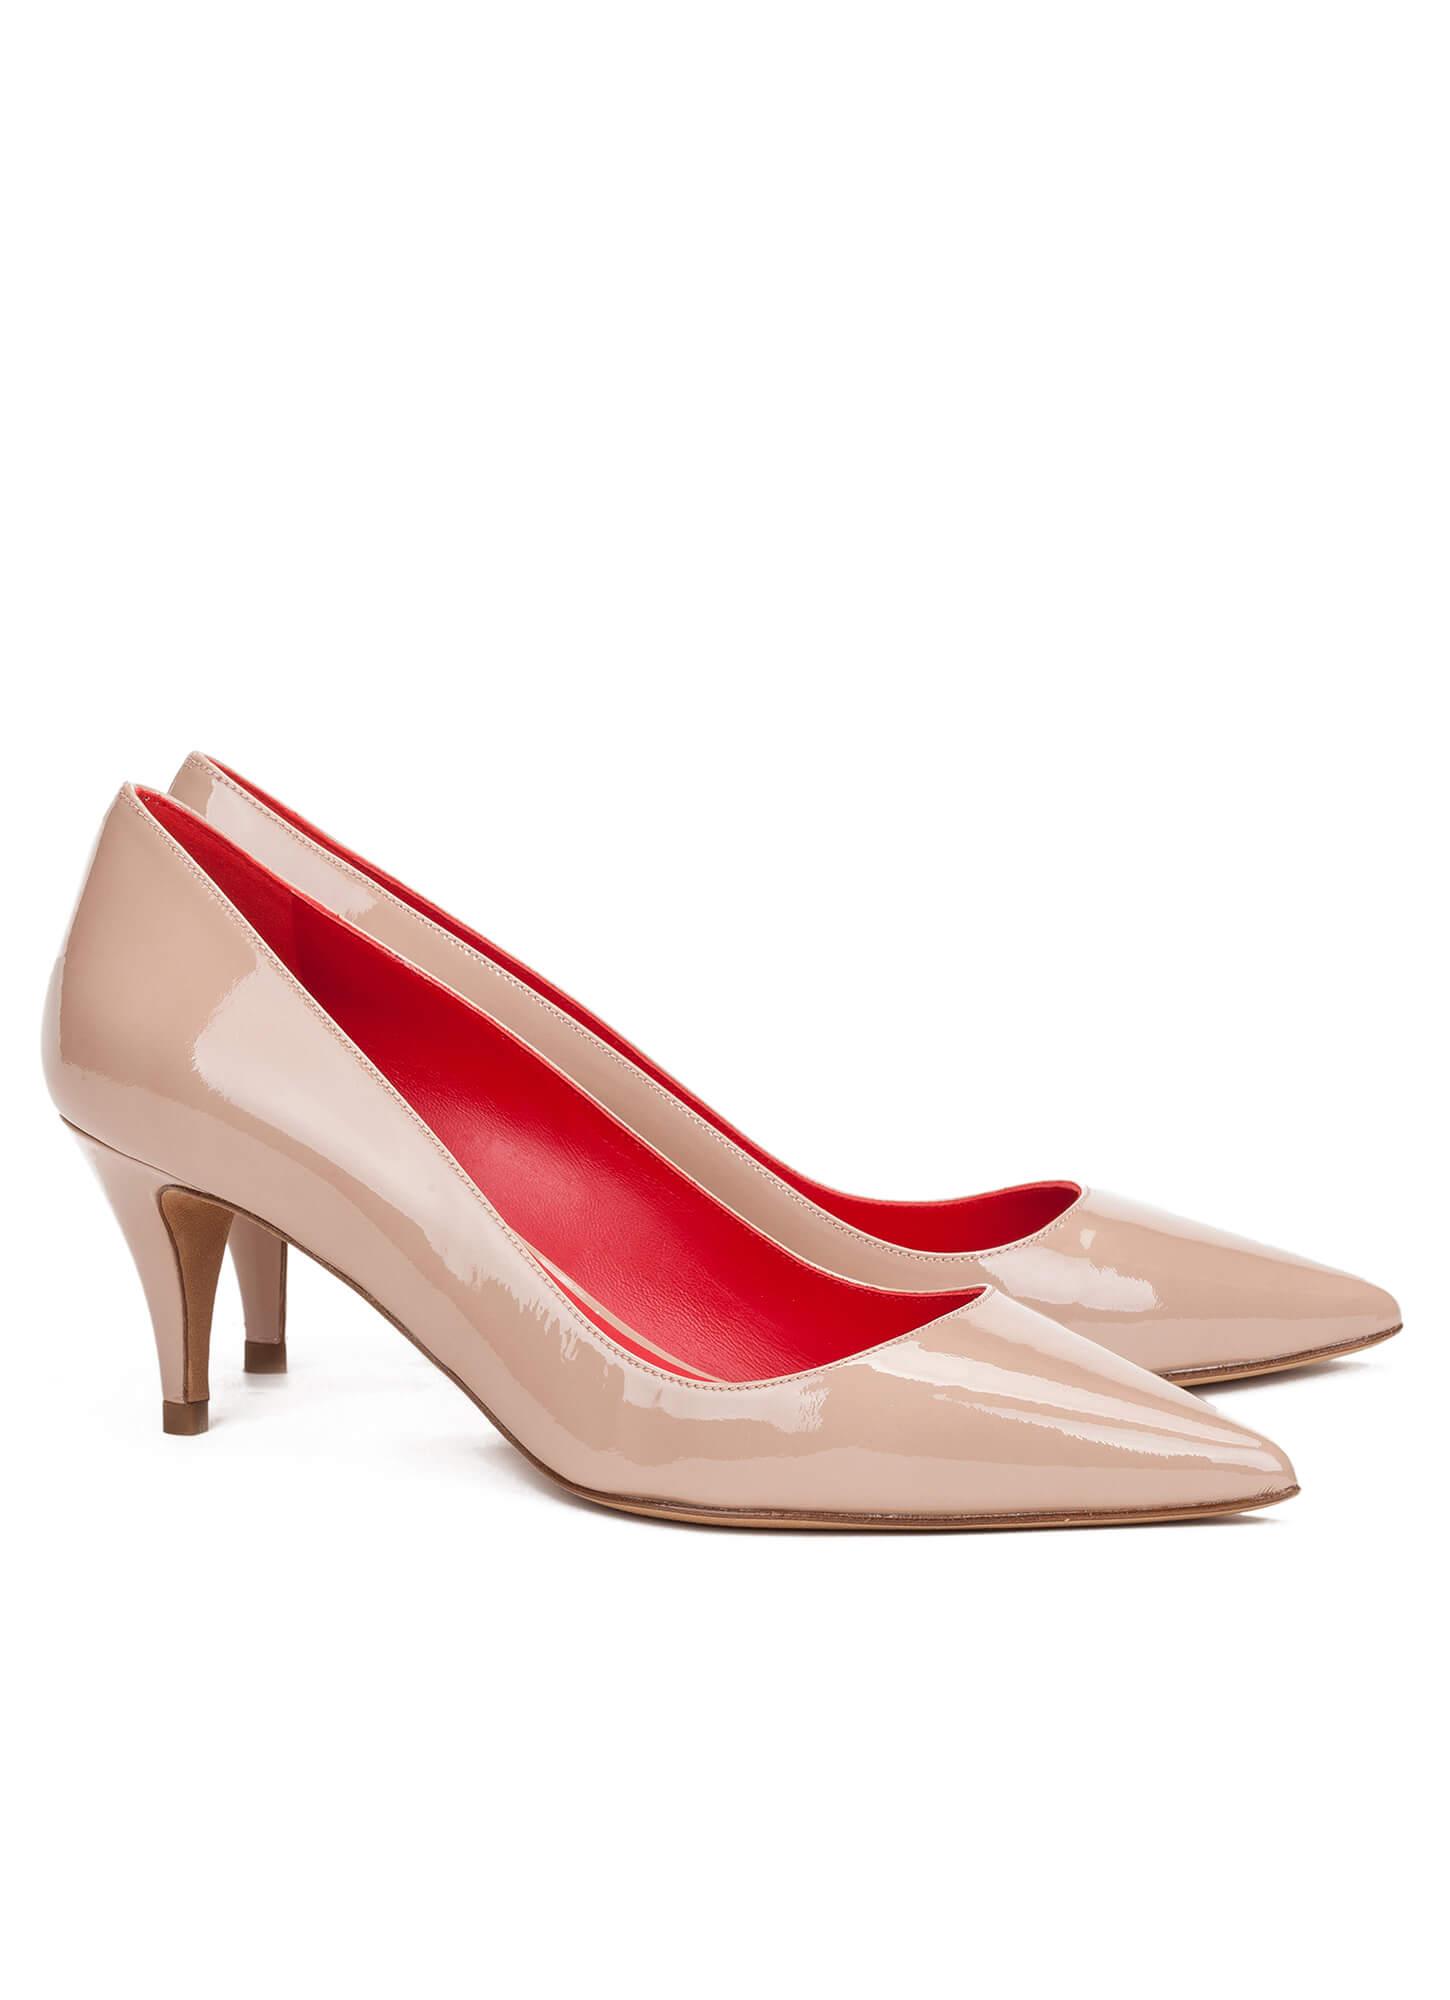 Mid heel pumps in nude patent - online shoe store Pura Lopez ...